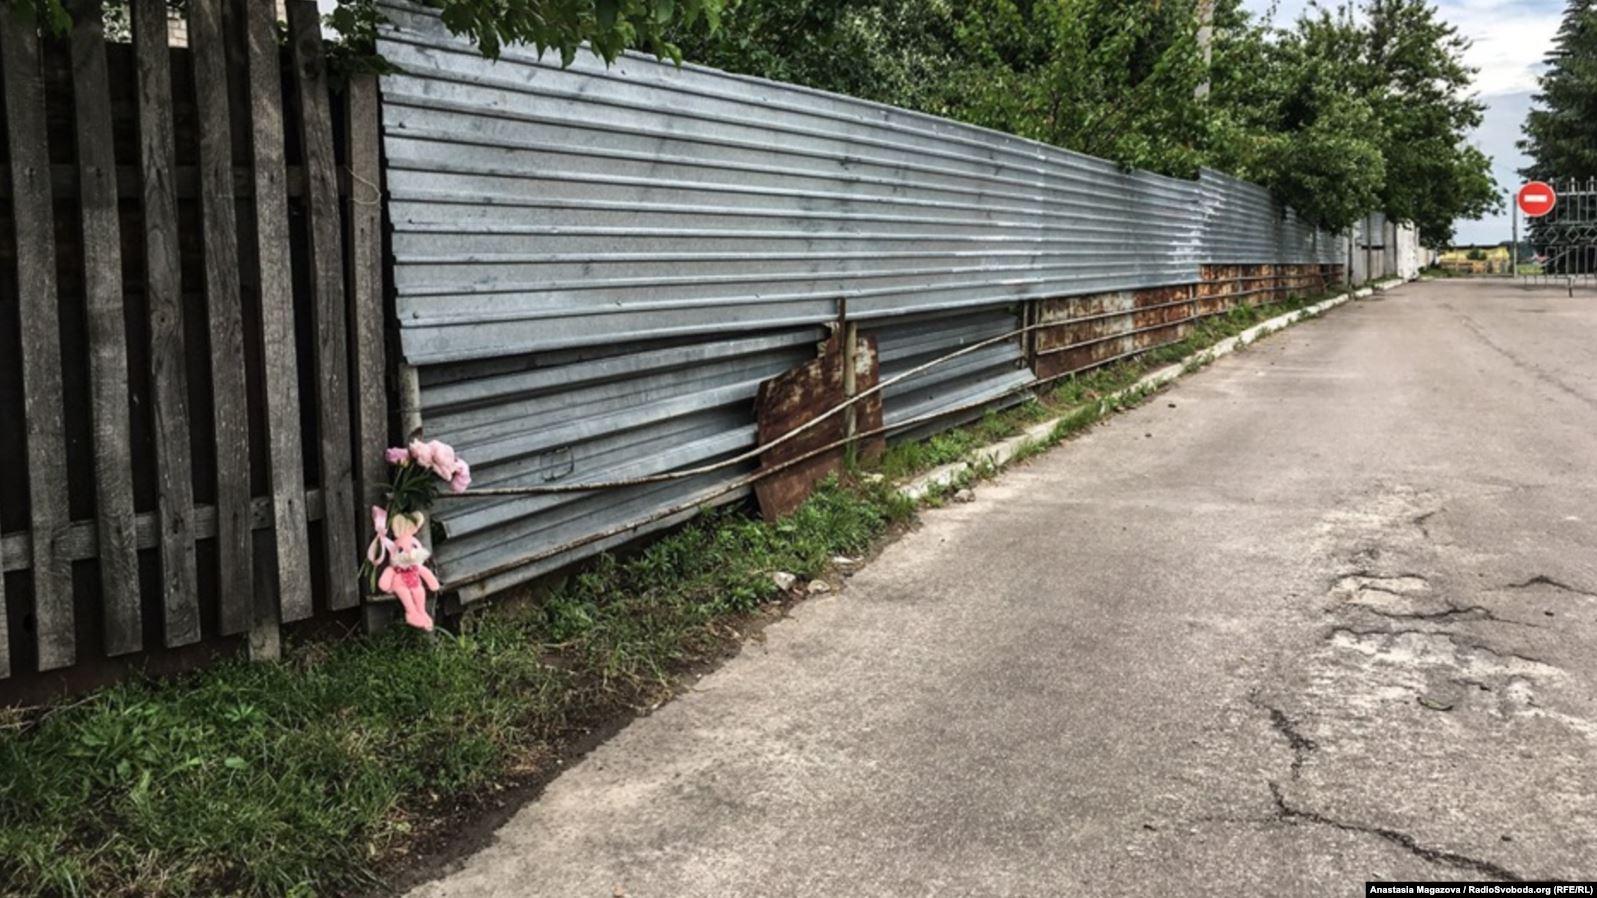 Той самий «дитячий майданчик», де було поранено 5-річного Кирила Тлявова. Місцеві мешканці принесли квіти та іграшки на місце, де перебувала дитина у момент отримання вогнепального поранення